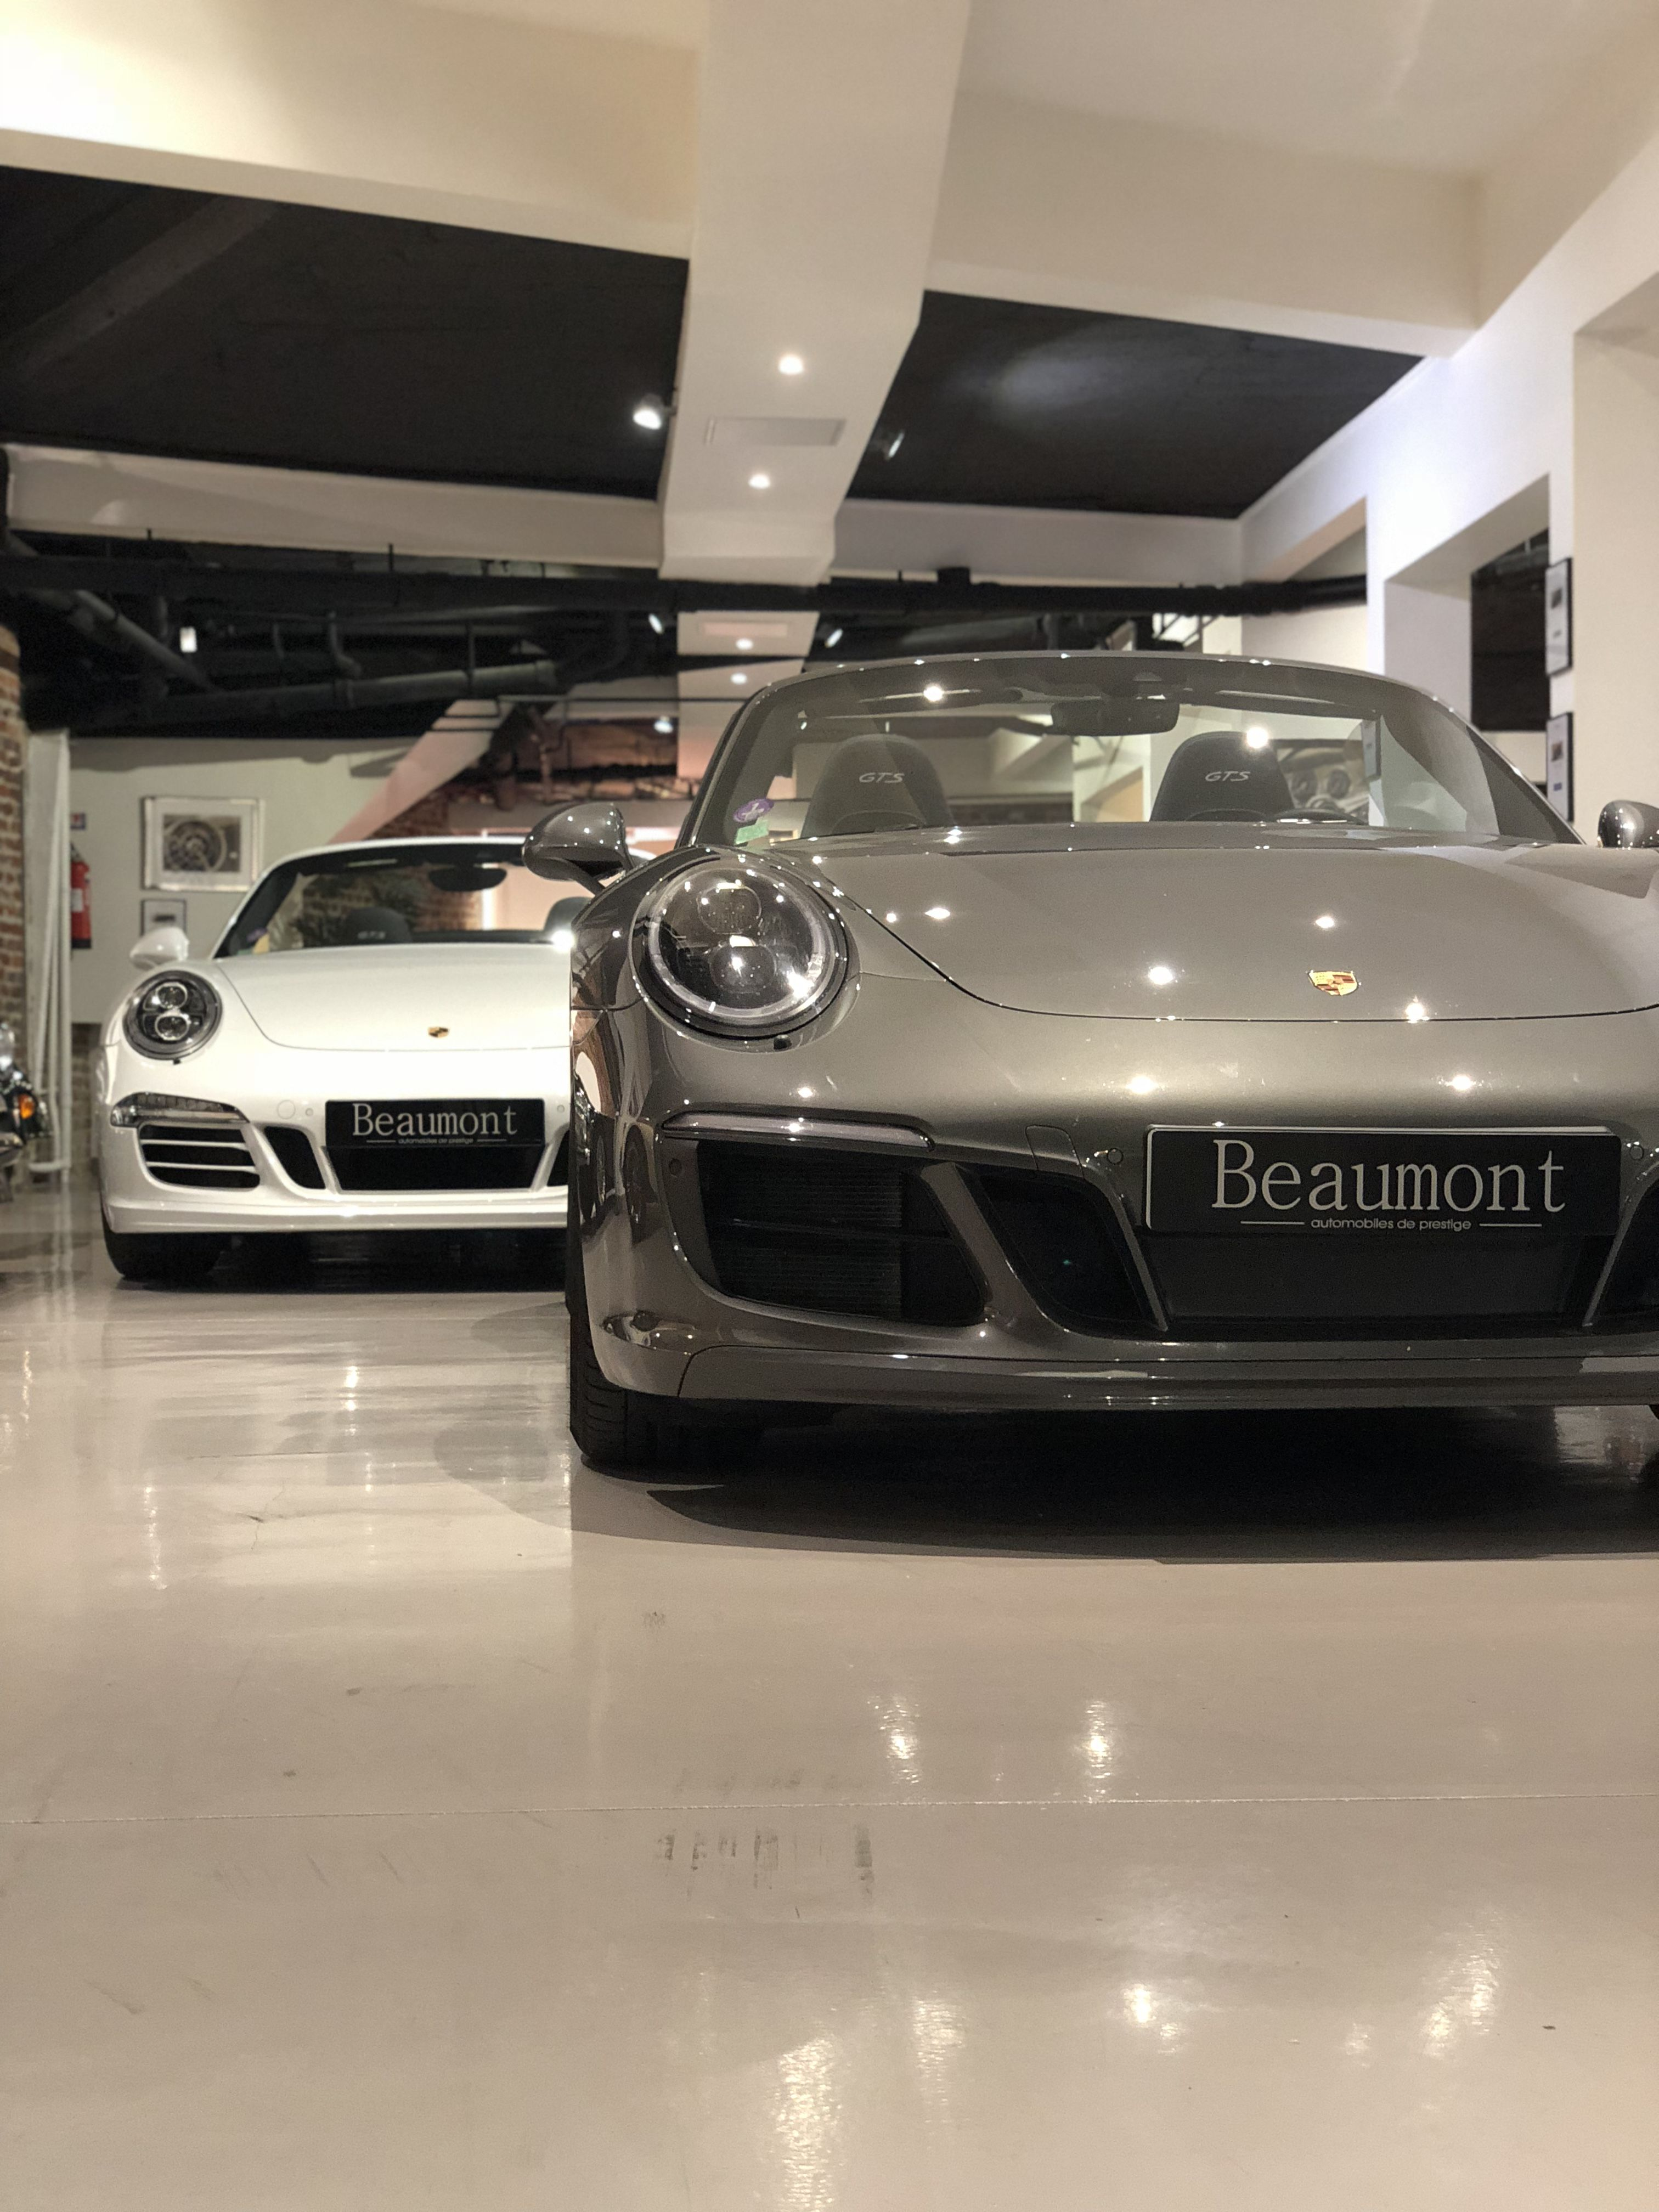 Porsche 991 Cabriolet Gts Automobile Voiture Ile De France